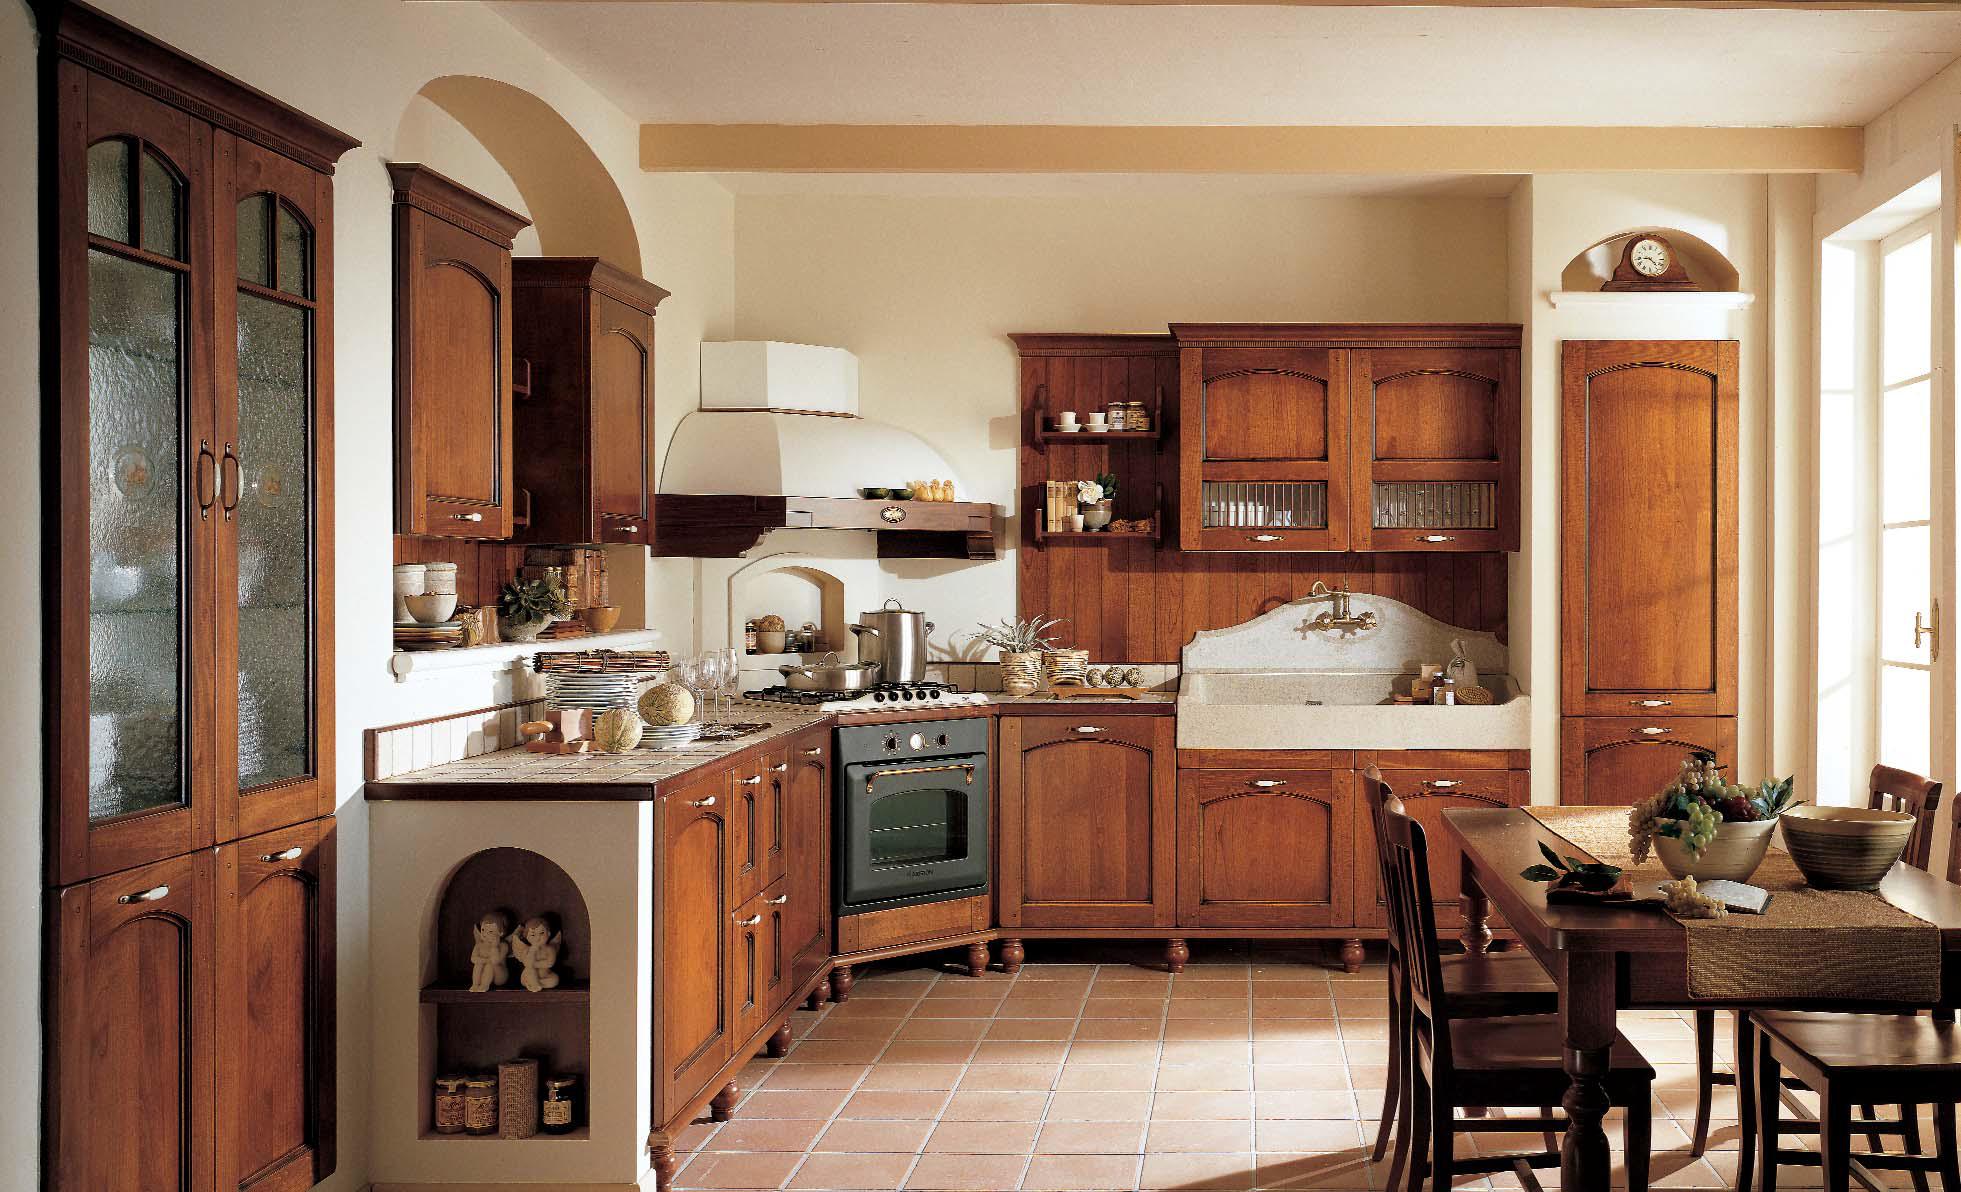 экологически дизайн кухни с угловой вытяжкой фото вычистить мякоть томата